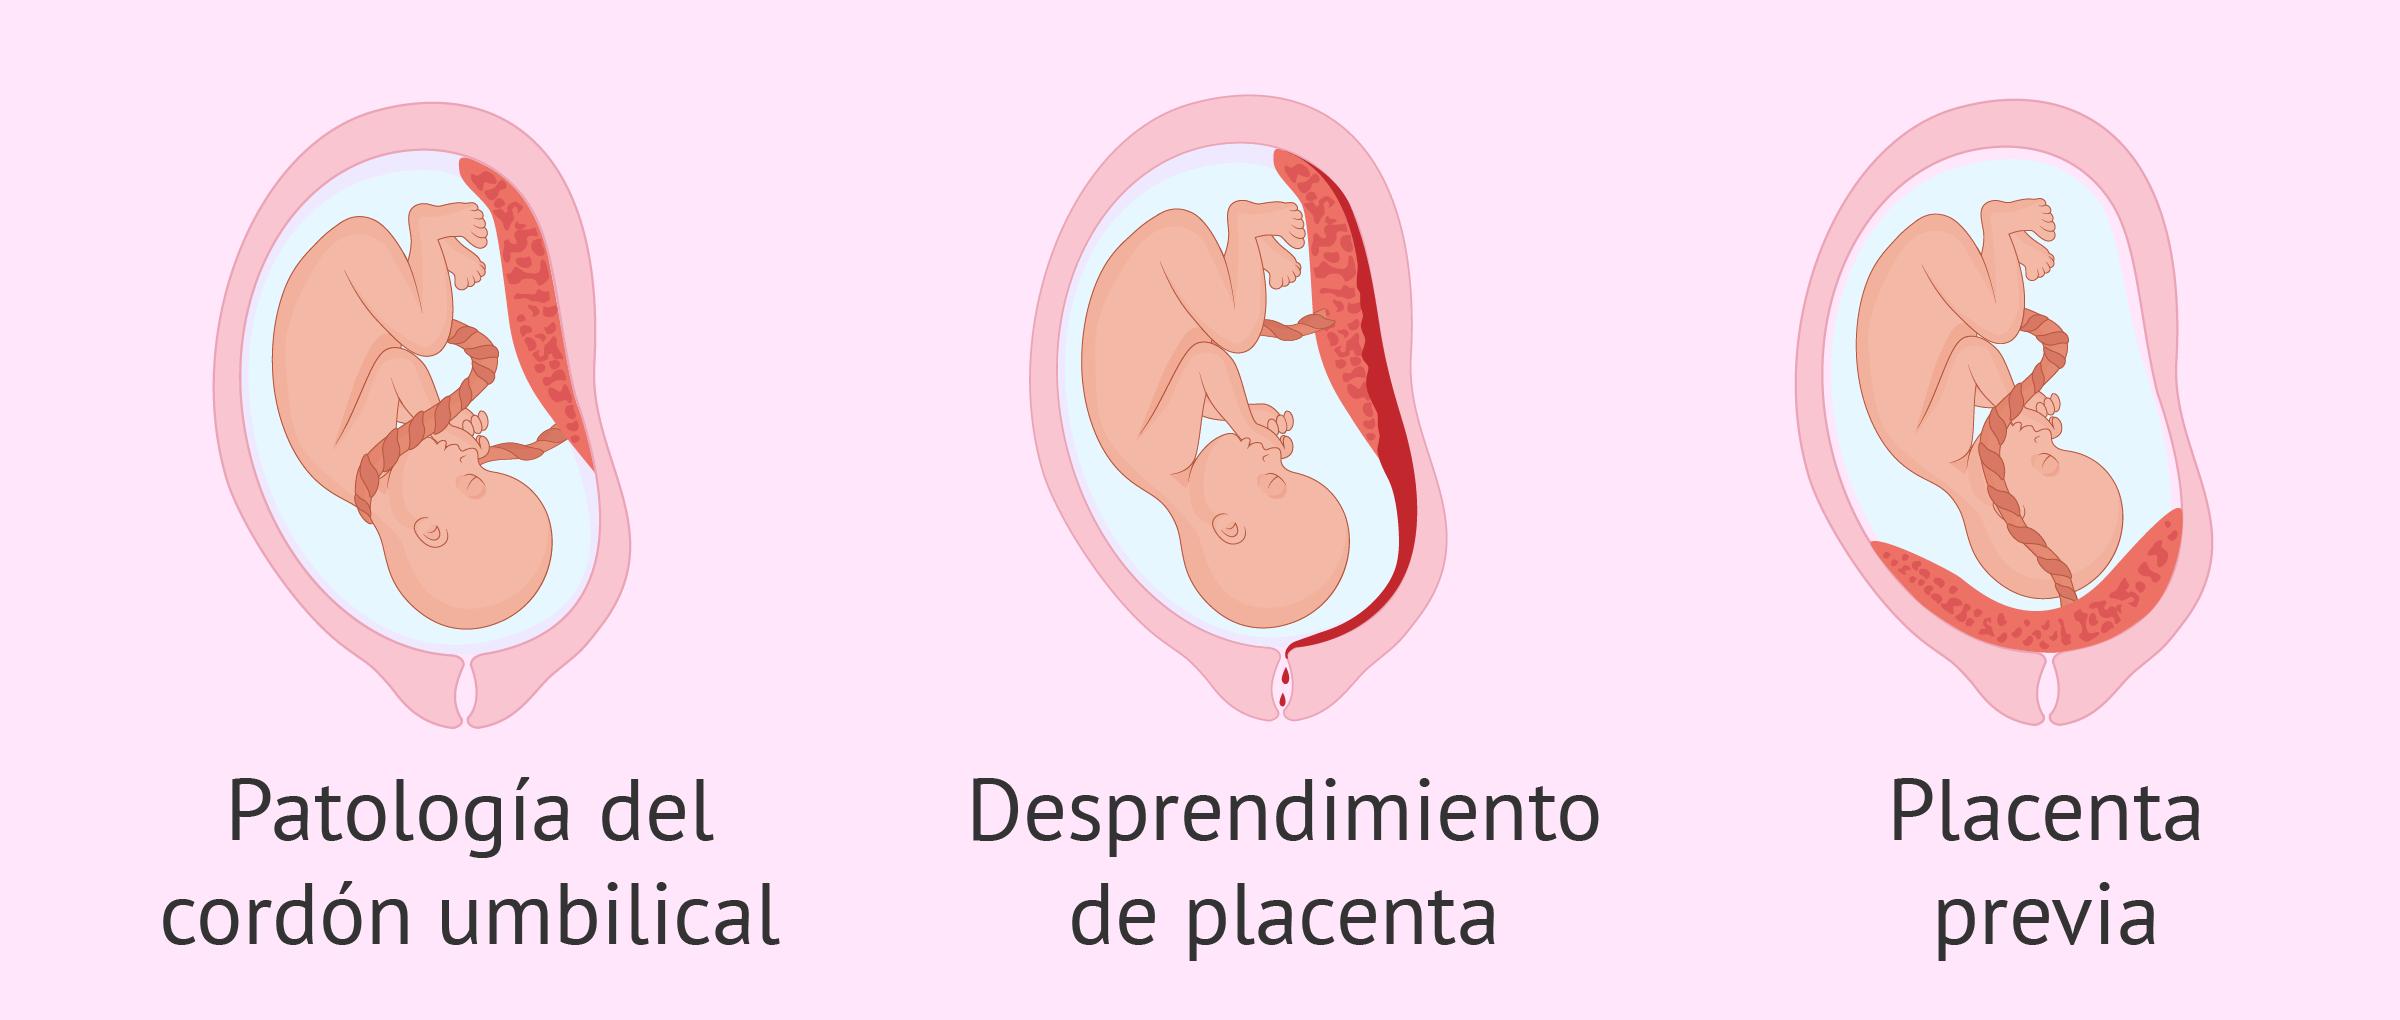 Causas placentarias de muerte fetal